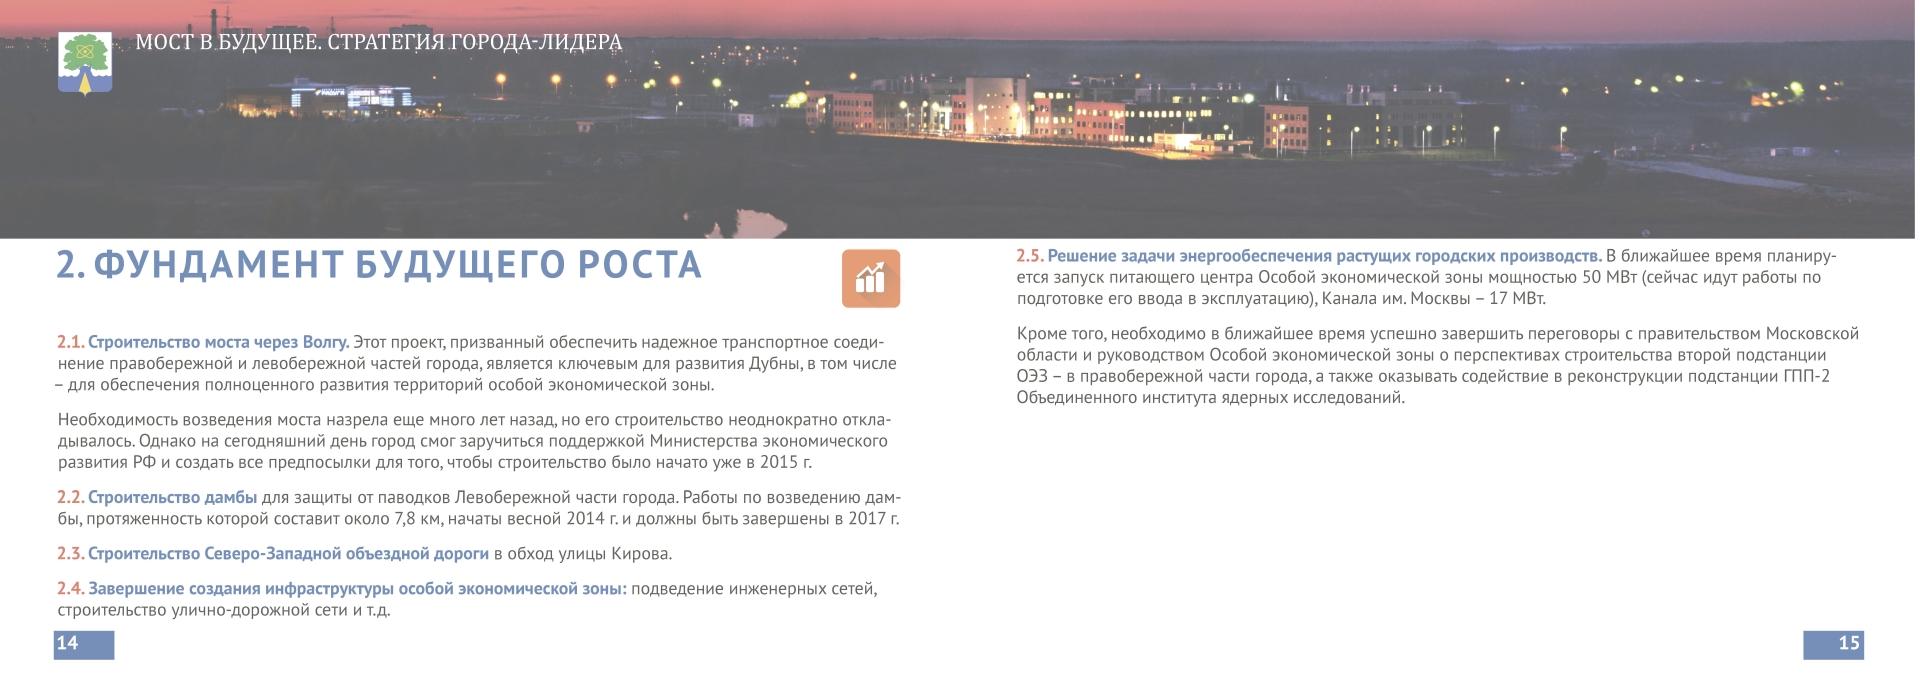 DTS_032_Страница_07